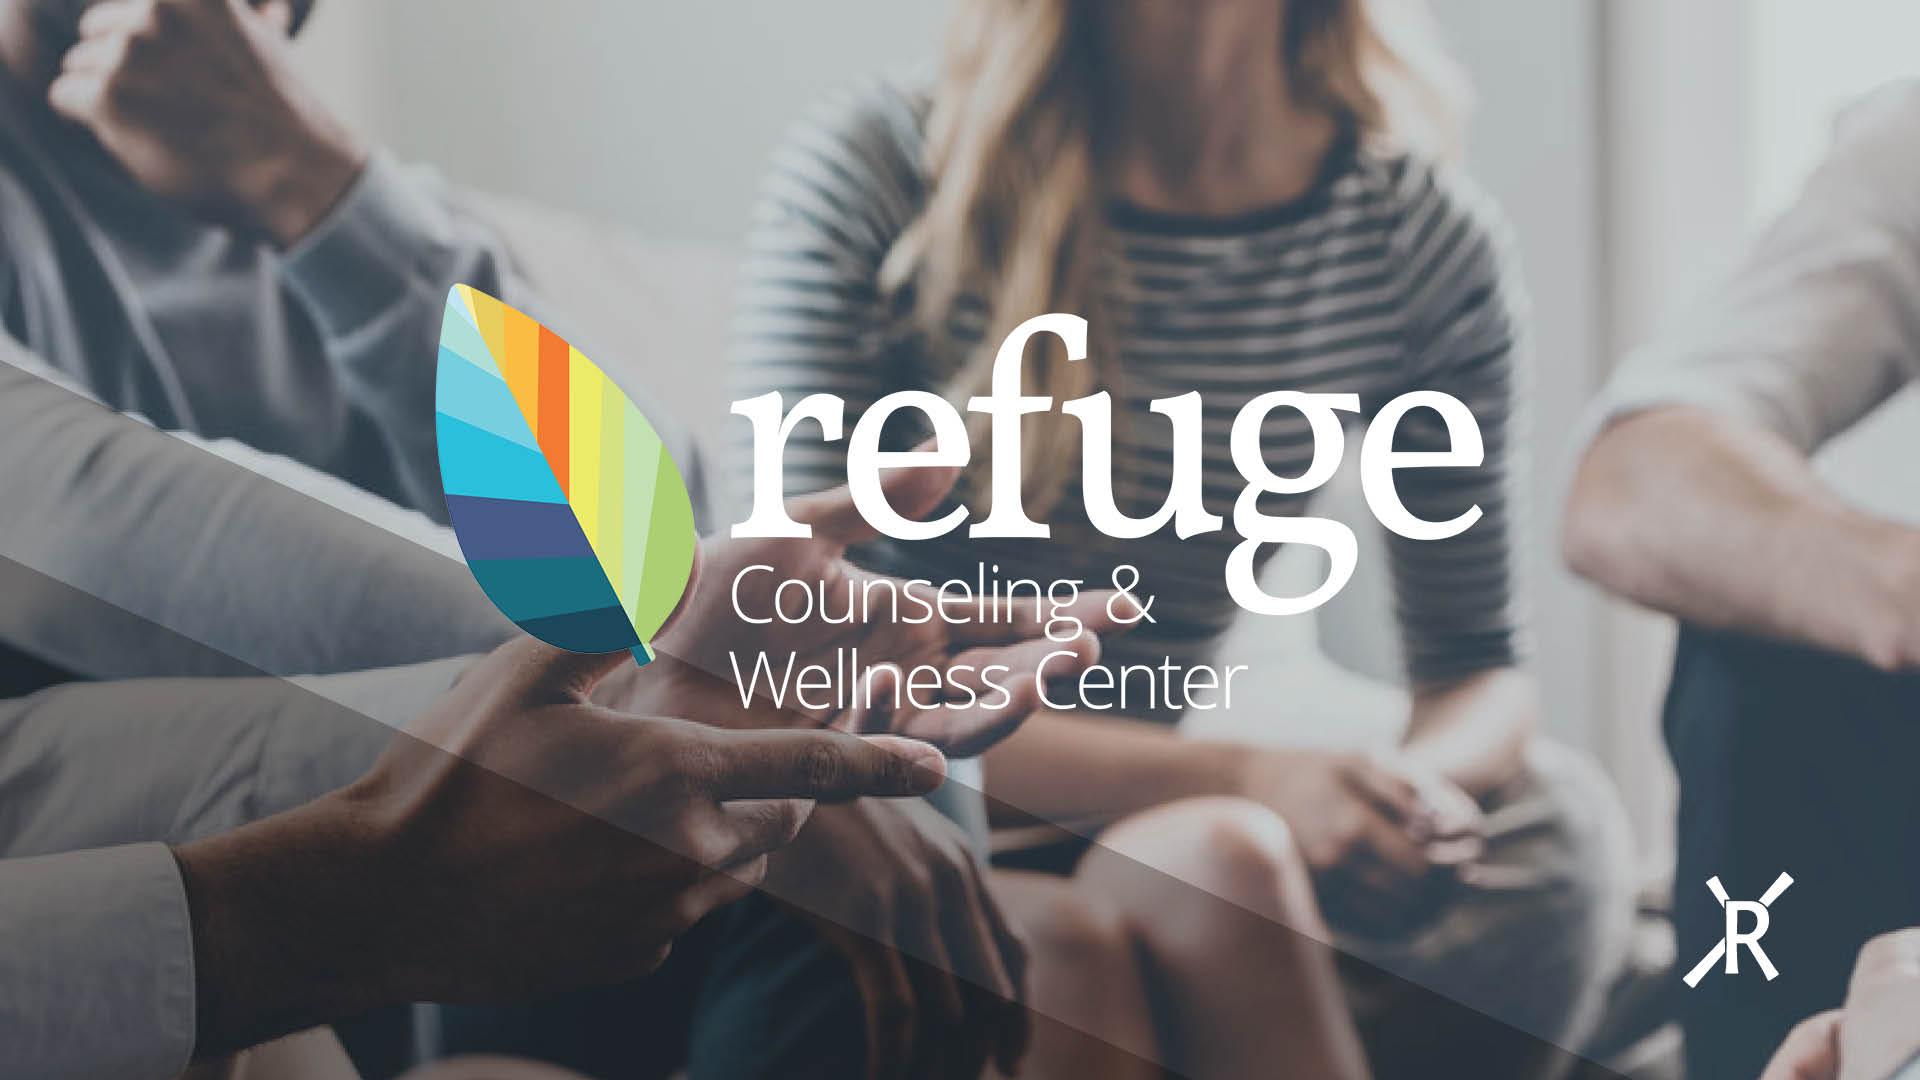 CR_website_Wellness Center.jpg